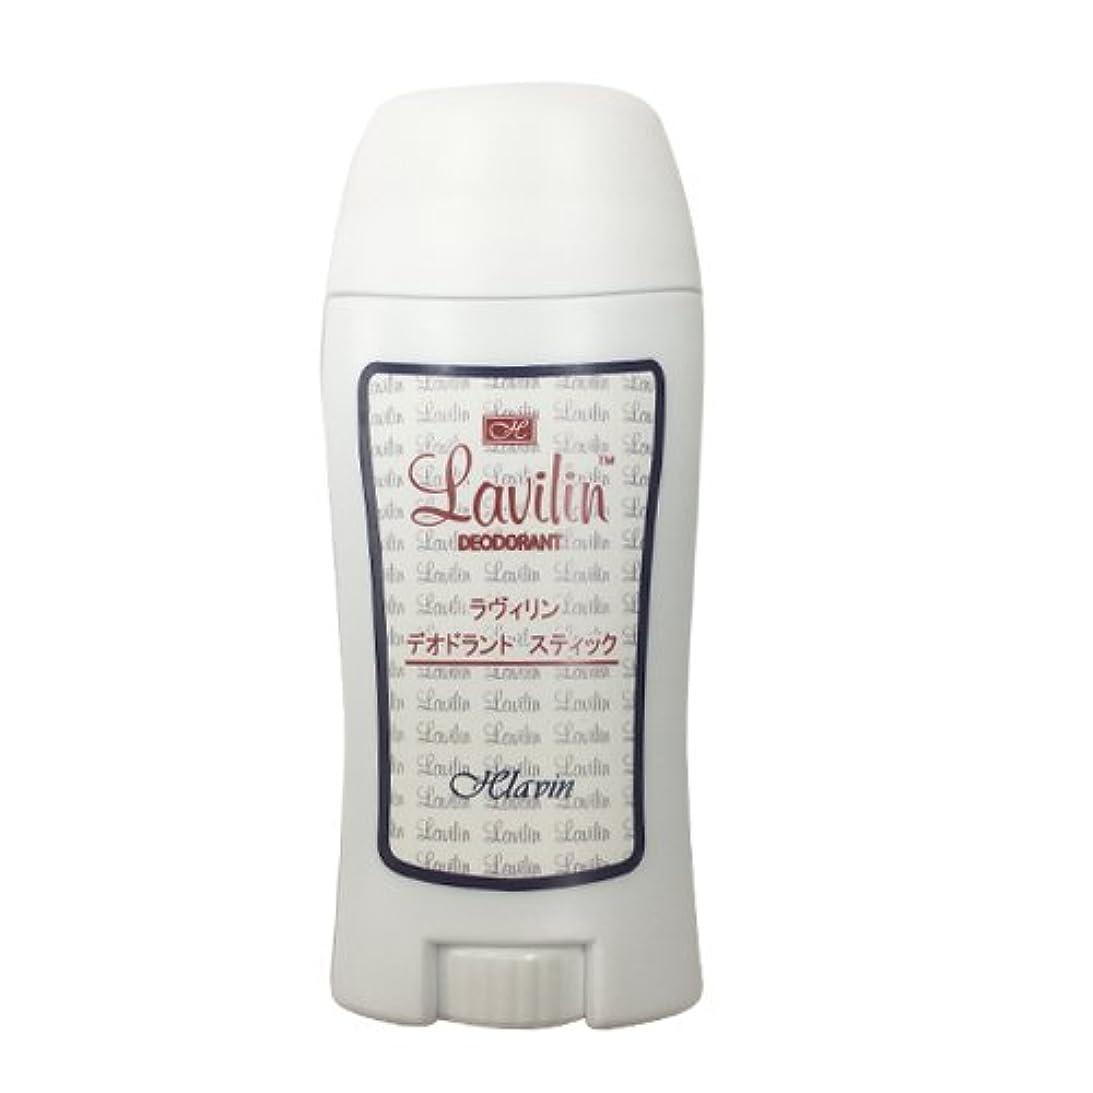 ウォルターカニンガム未亡人ペリスコープラヴィリン デオドラント スティック (Lavilin deodorant stick) 60ml